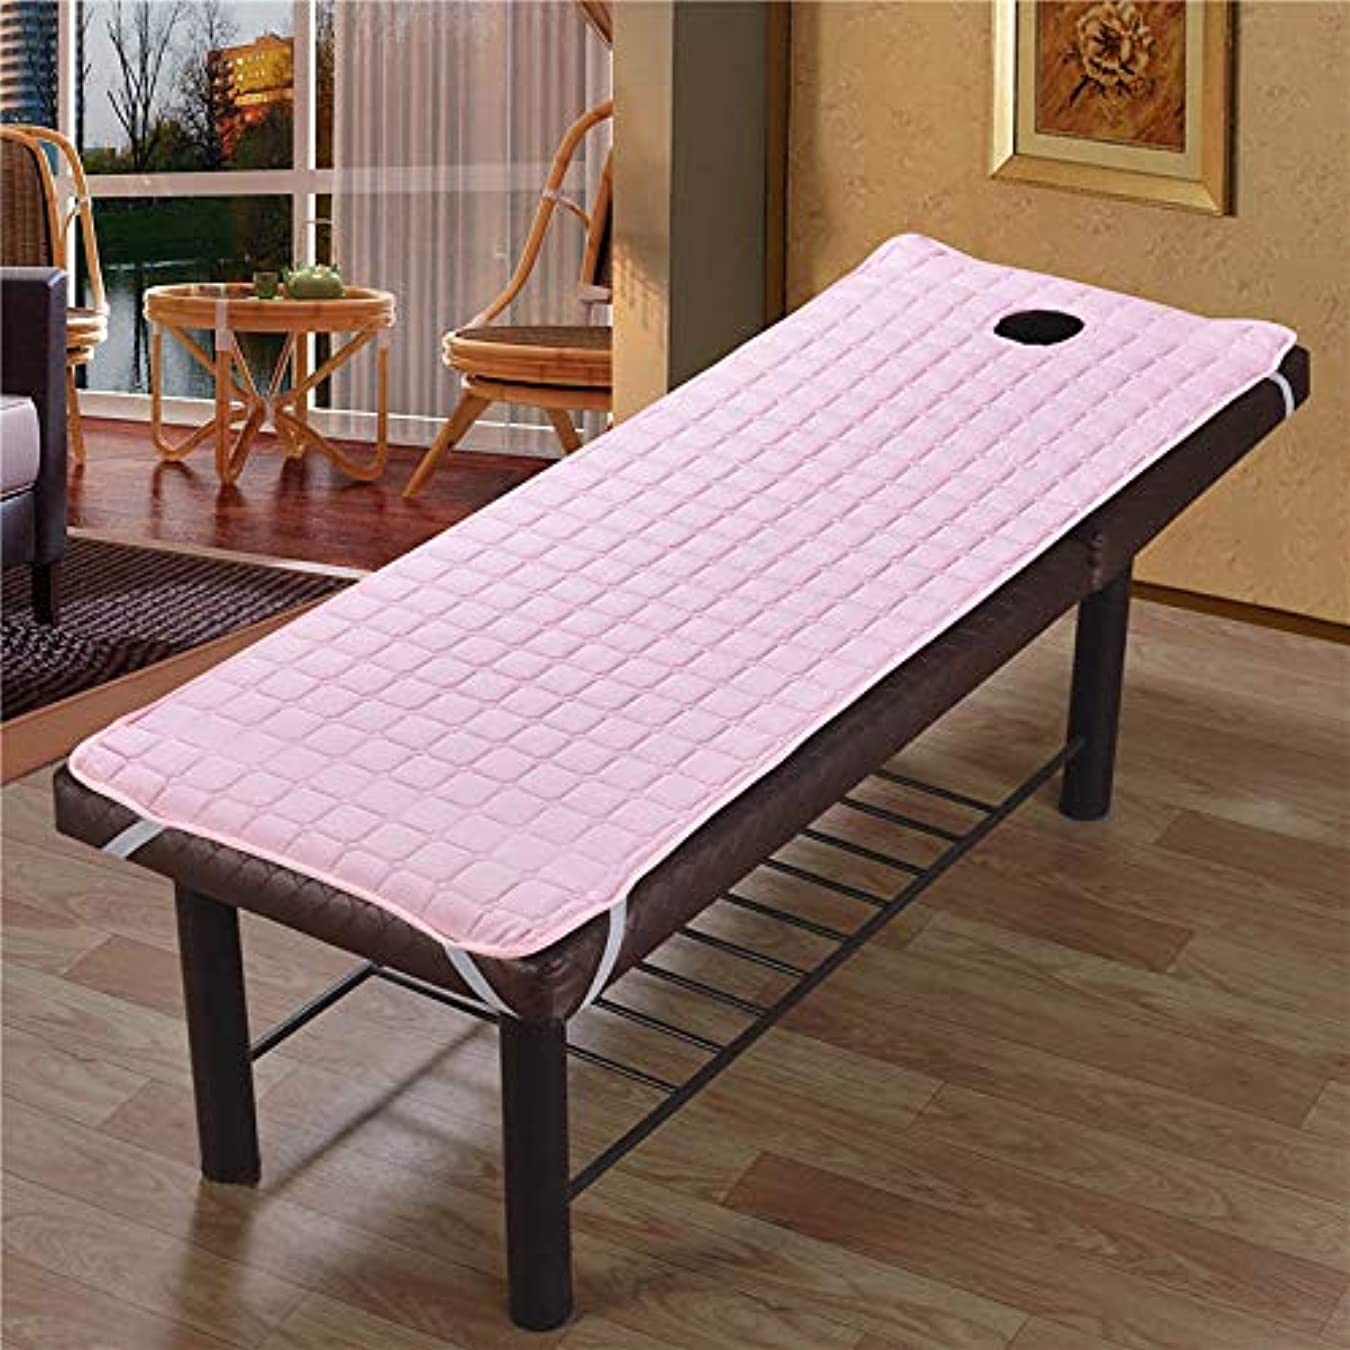 付添人図アクセサリーProfeel 美容院のマッサージ療法のベッドのための滑り止めのSoliod色の長方形のマットレス